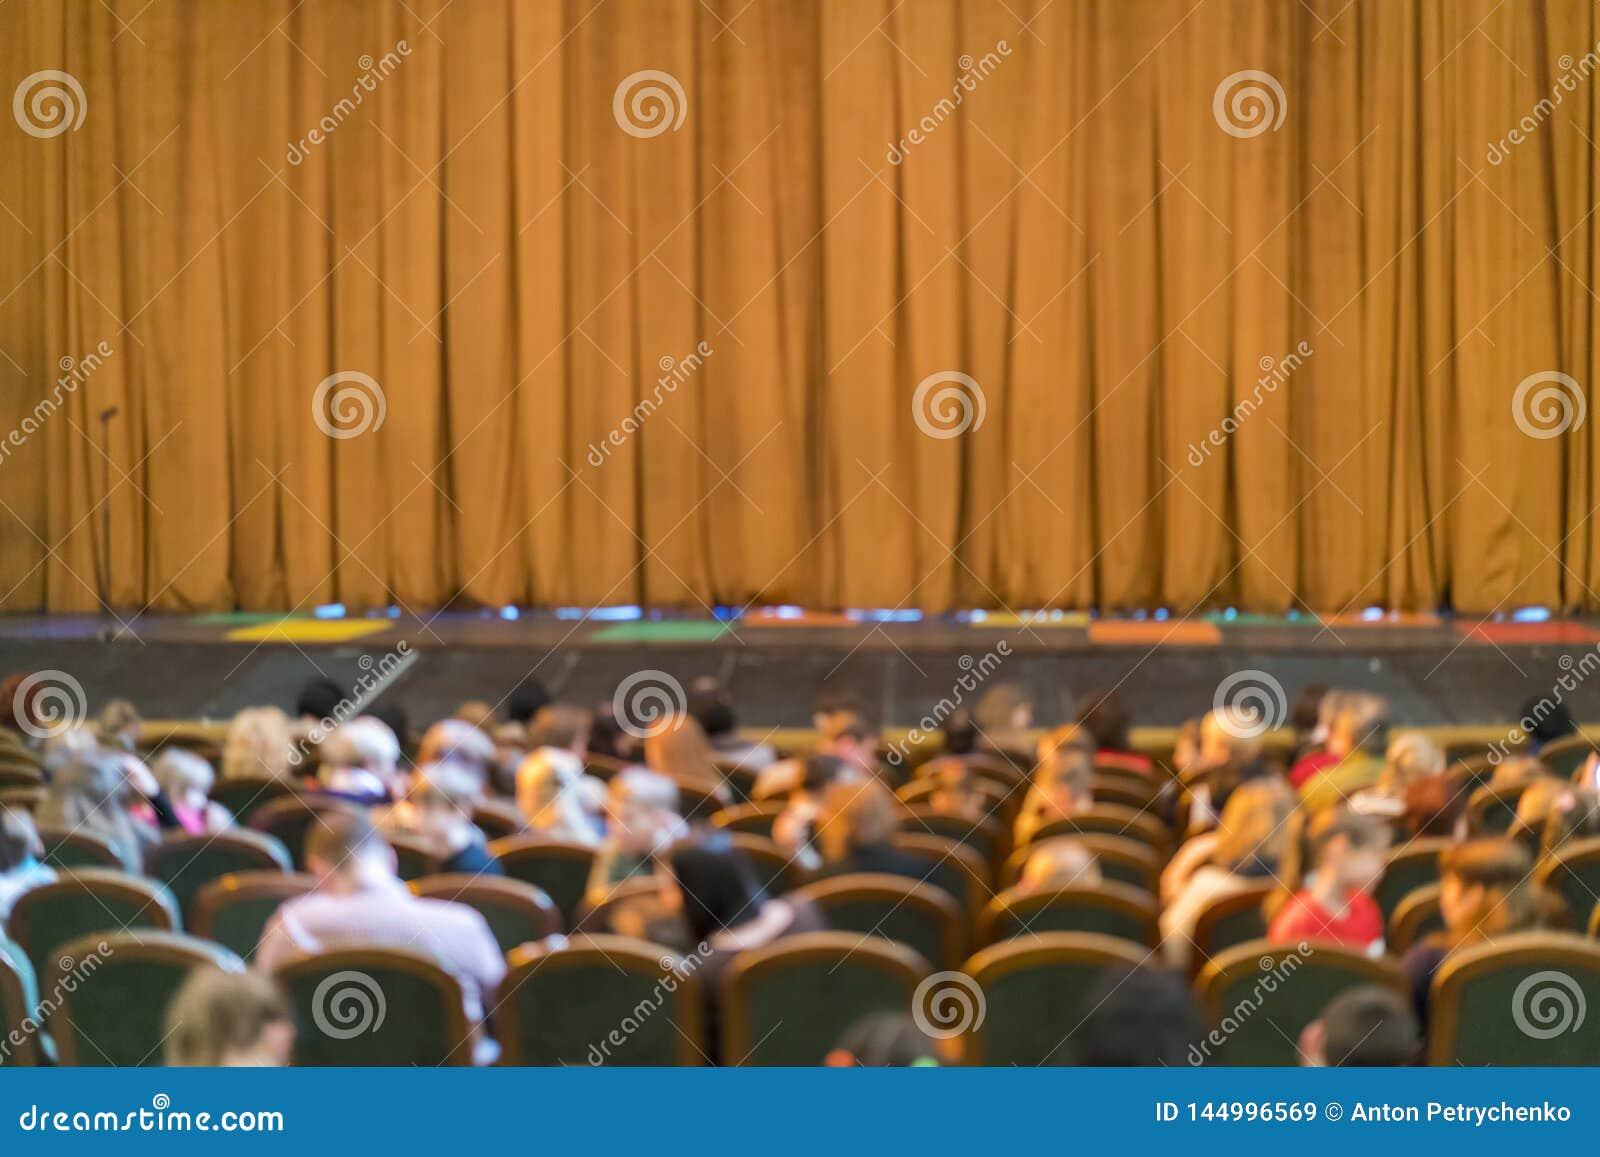 Publiek in Theater gesloten stadiumgordijn in een theater onscherp